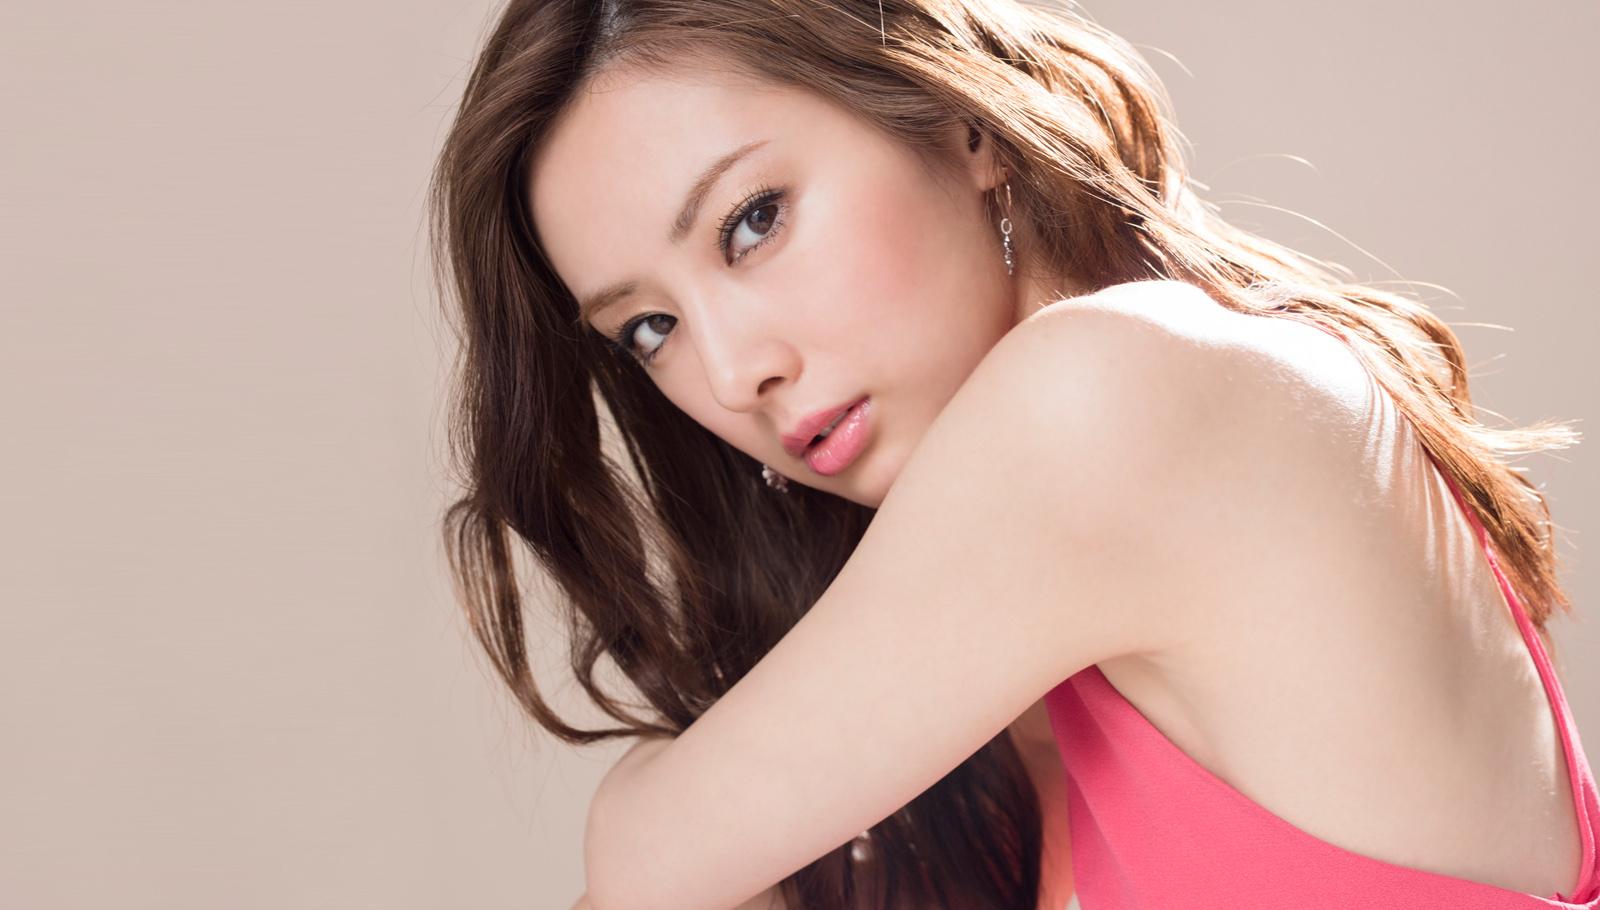 美しすぎる女優・北川景子出演の映画を厳選して紹介!【4選】のサムネイル画像